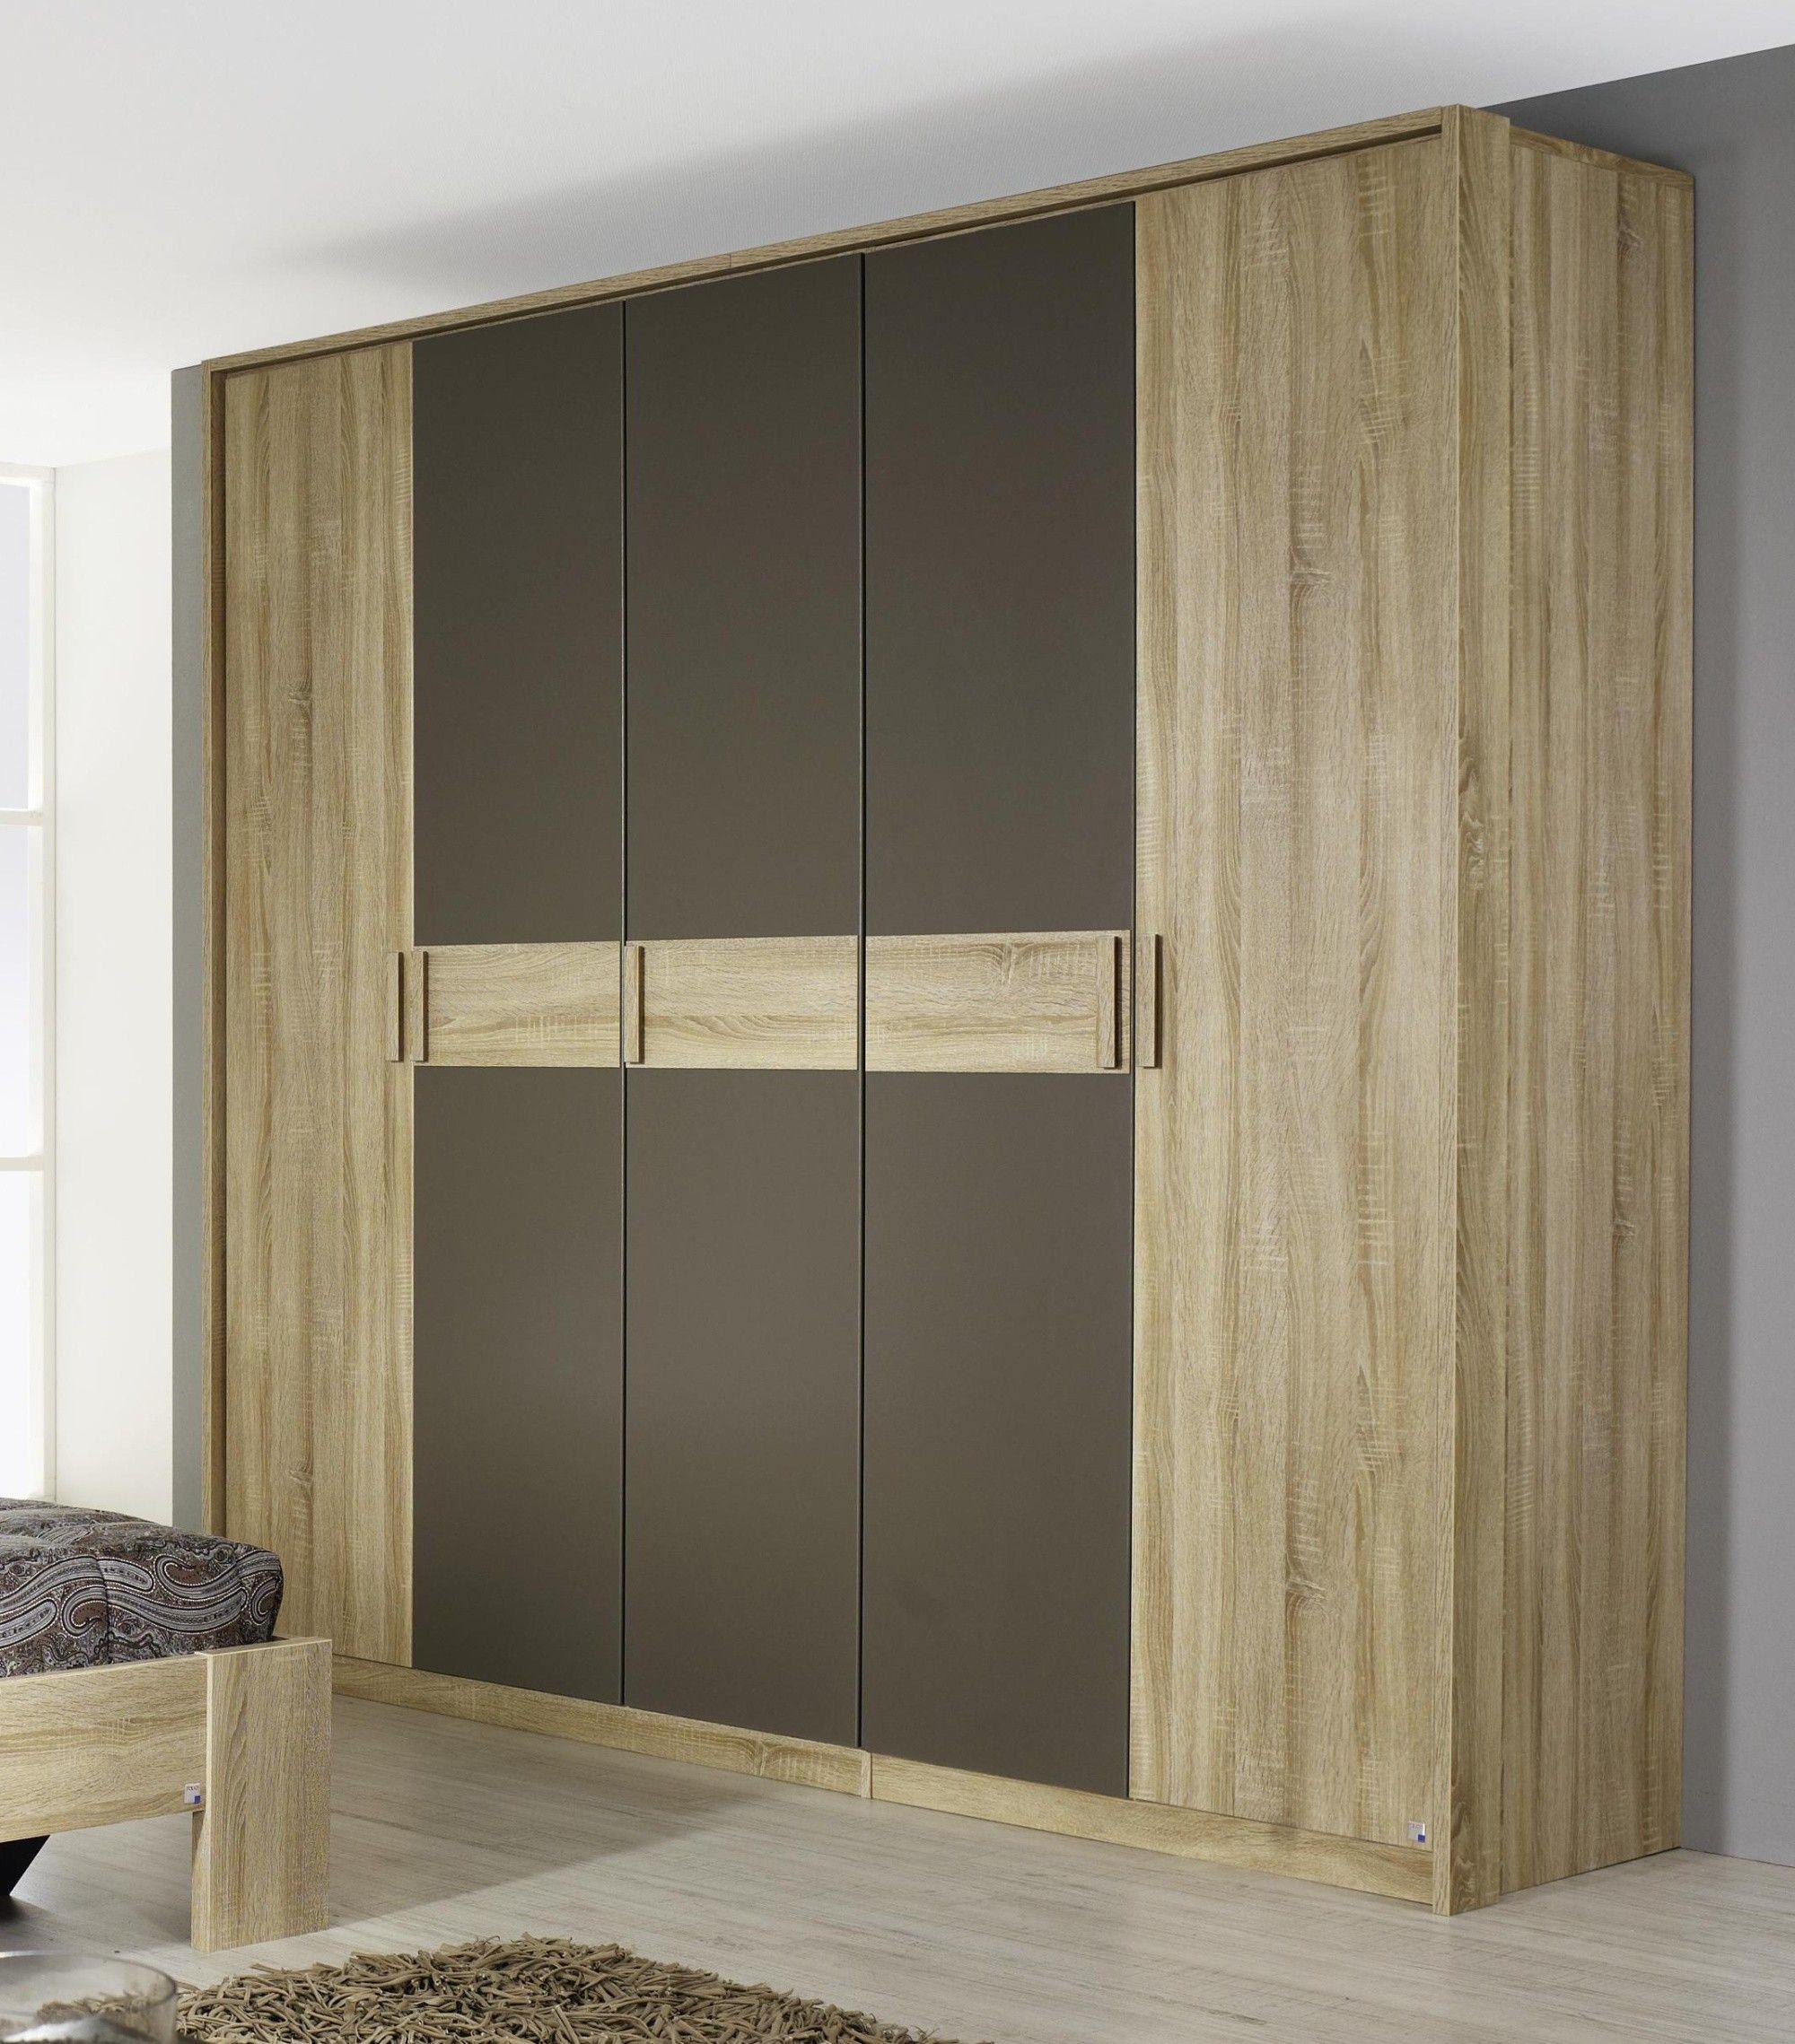 Armoire contemporaine 5 portes chêne clair/gris Fairmont ...